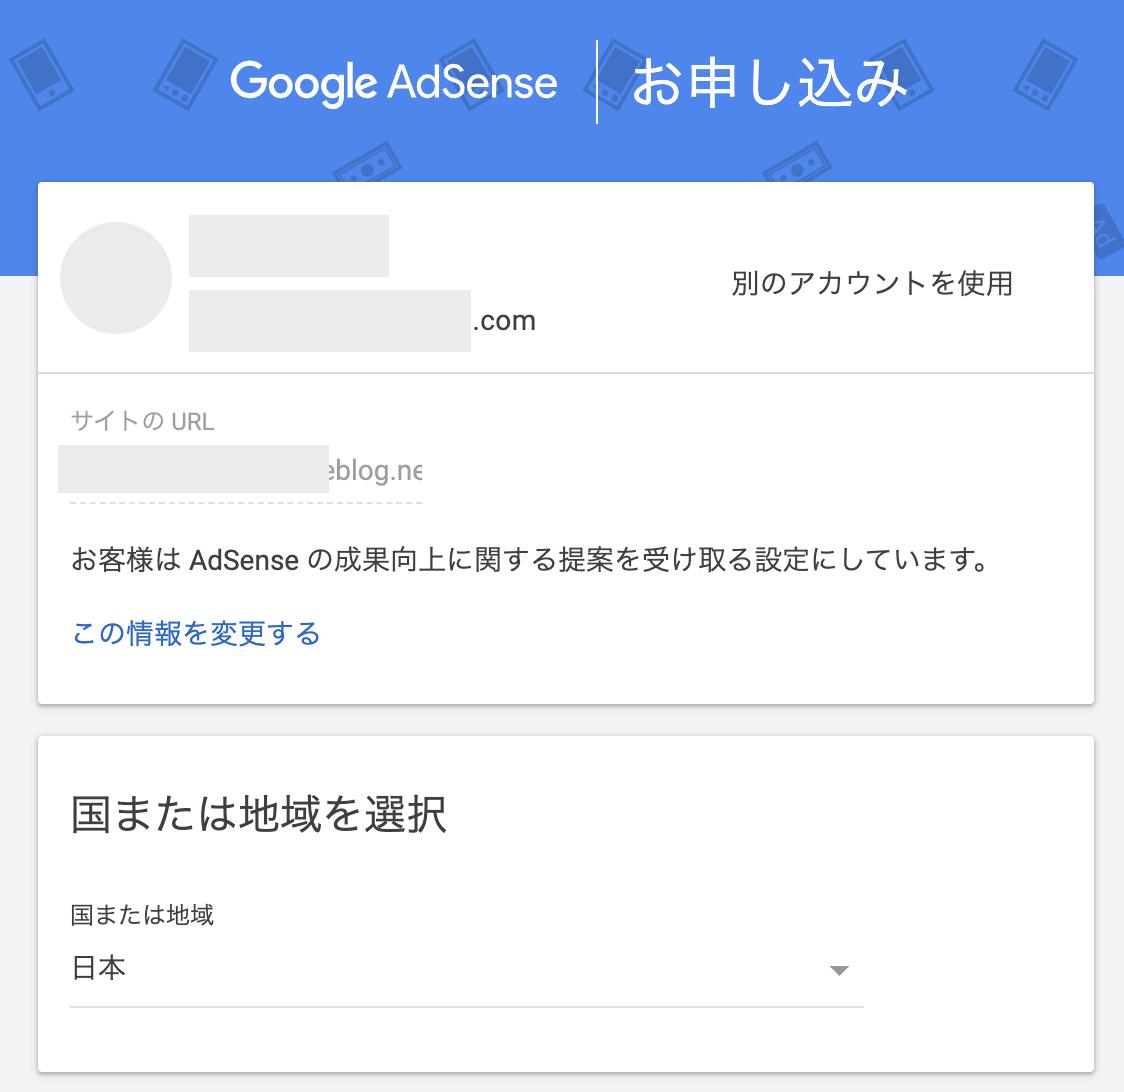 Google アドセンスお申し込み確認画面スクリーンショット